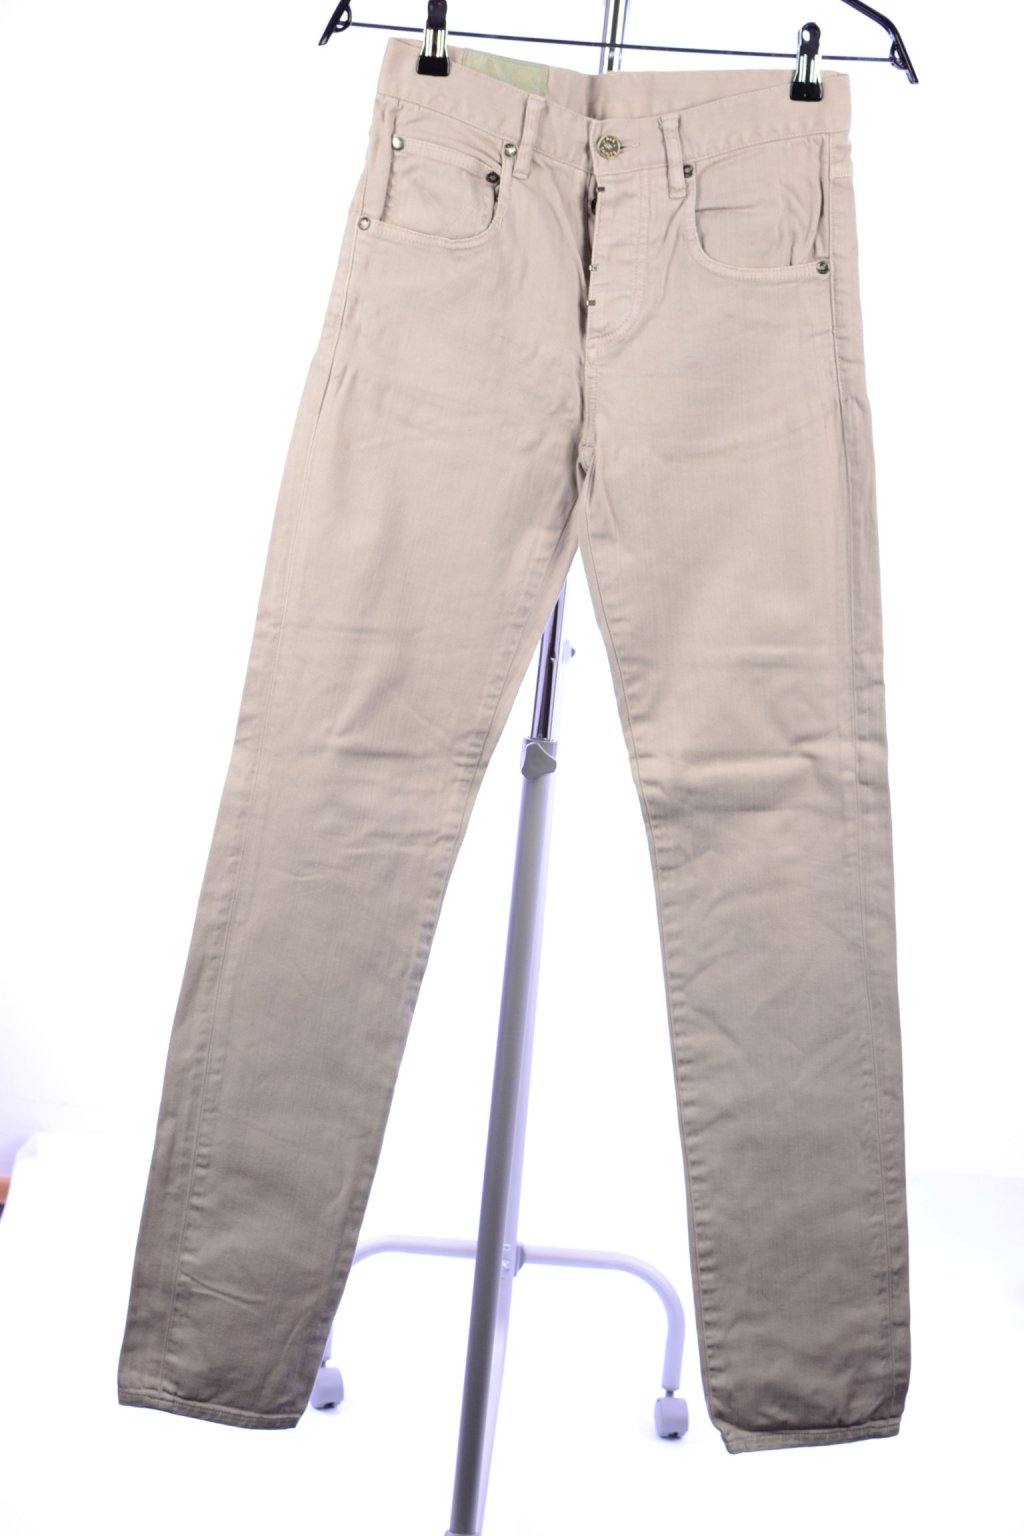 Kalhoty rifle Twenty eight Spitalfields  vel XS béžové